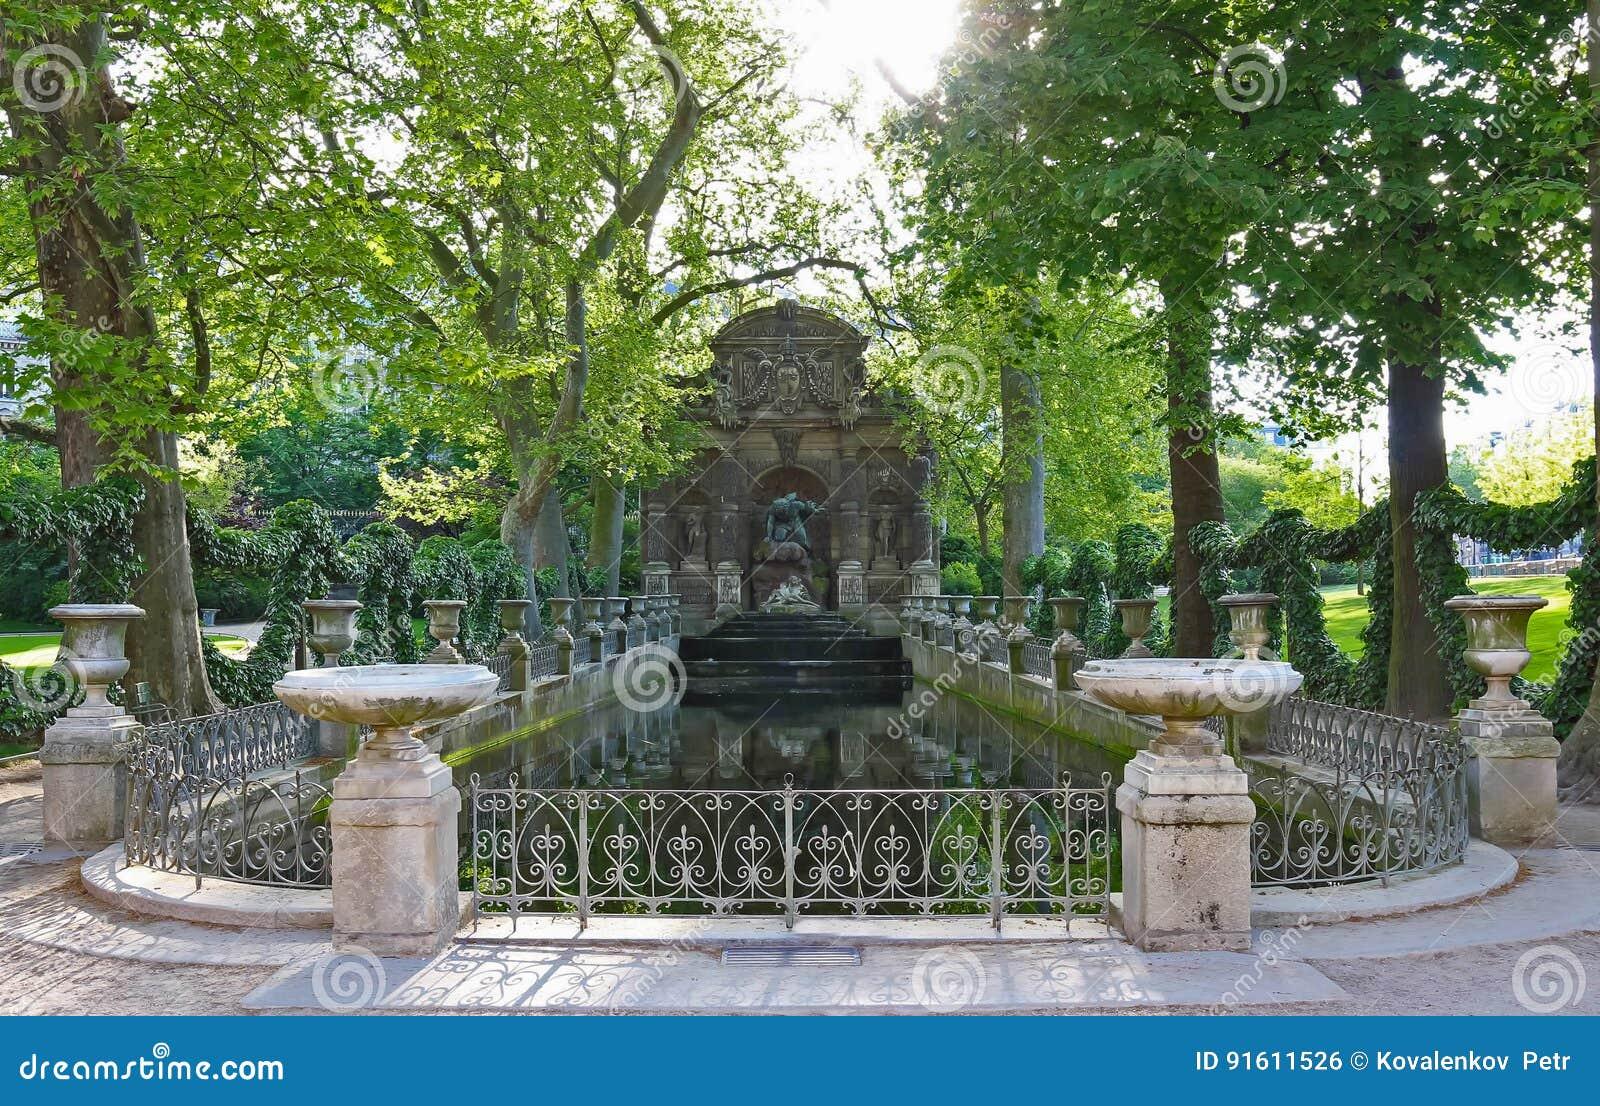 Fontaine De Medicis Jardin Du Luxembourg Paris Stock